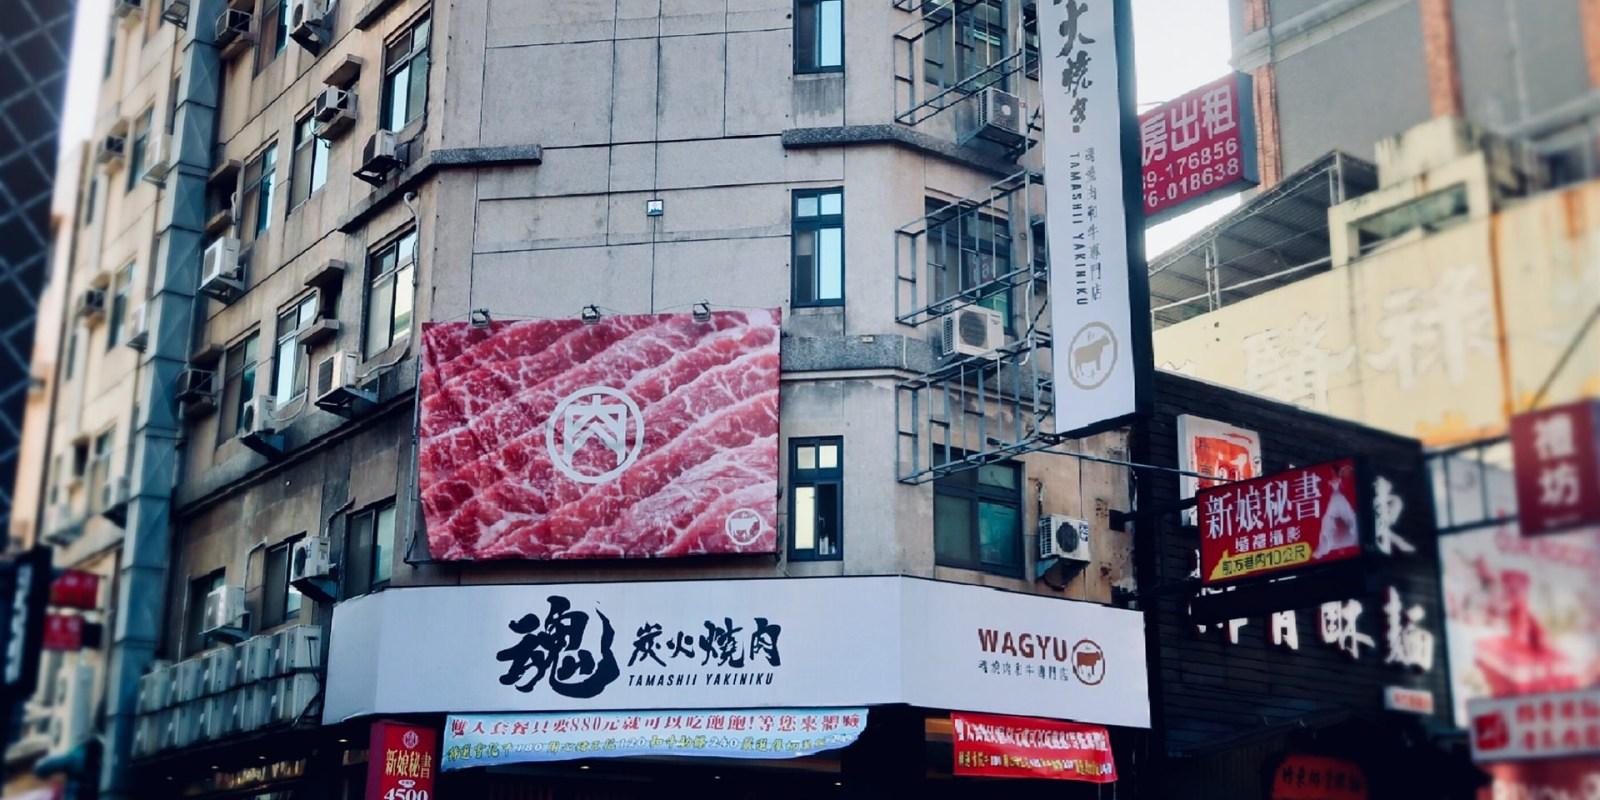 【新竹】新竹魂燒肉日式炭火燒肉,安格斯黑牛套餐的燒肉CP值也太高了吧!